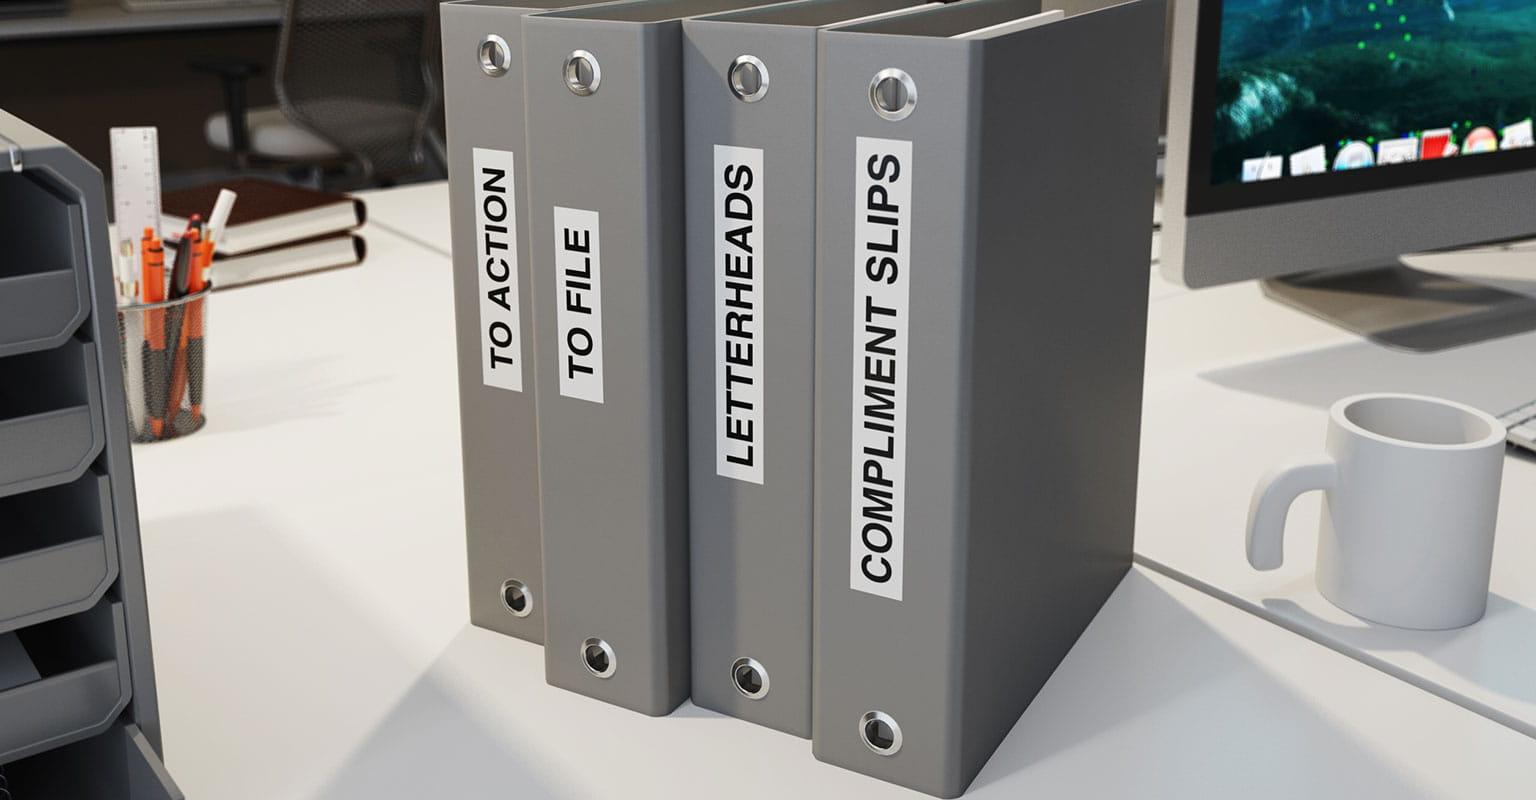 Štirje fascikli z nalepkami Brother P-touch na hrbtišču, ki označujejo vsebino fasciklov